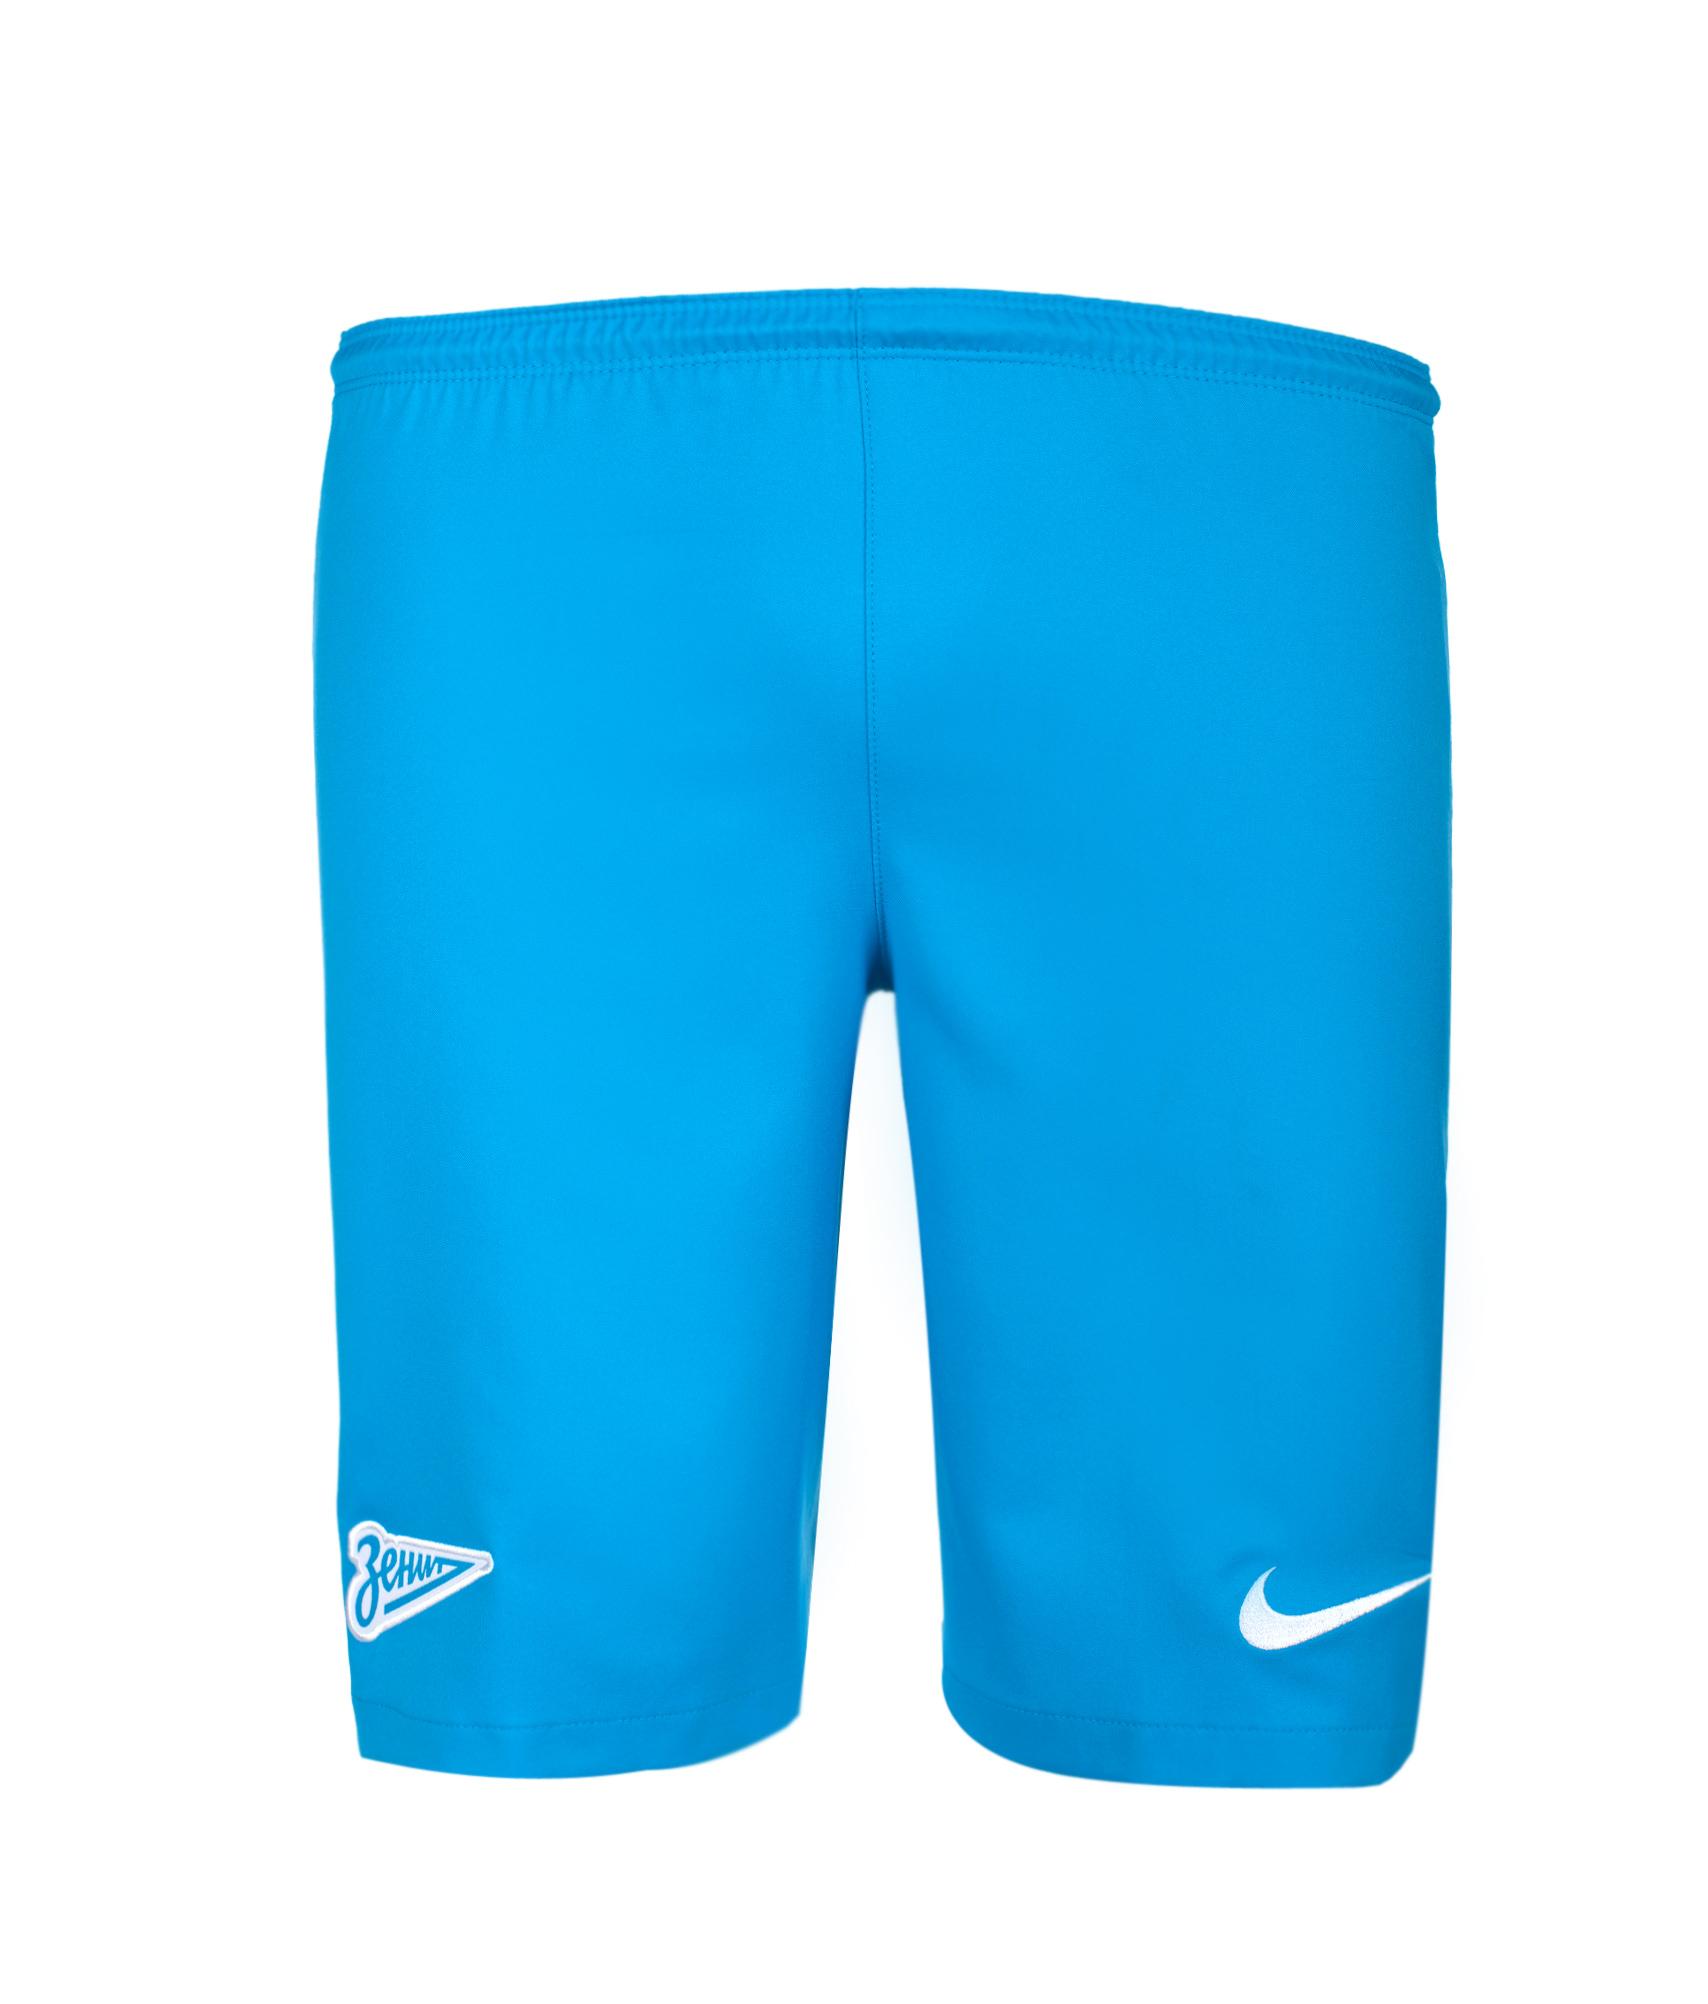 Шорты Nike домашние оригинальные 2014 Nike Цвет-Синий цена 2017